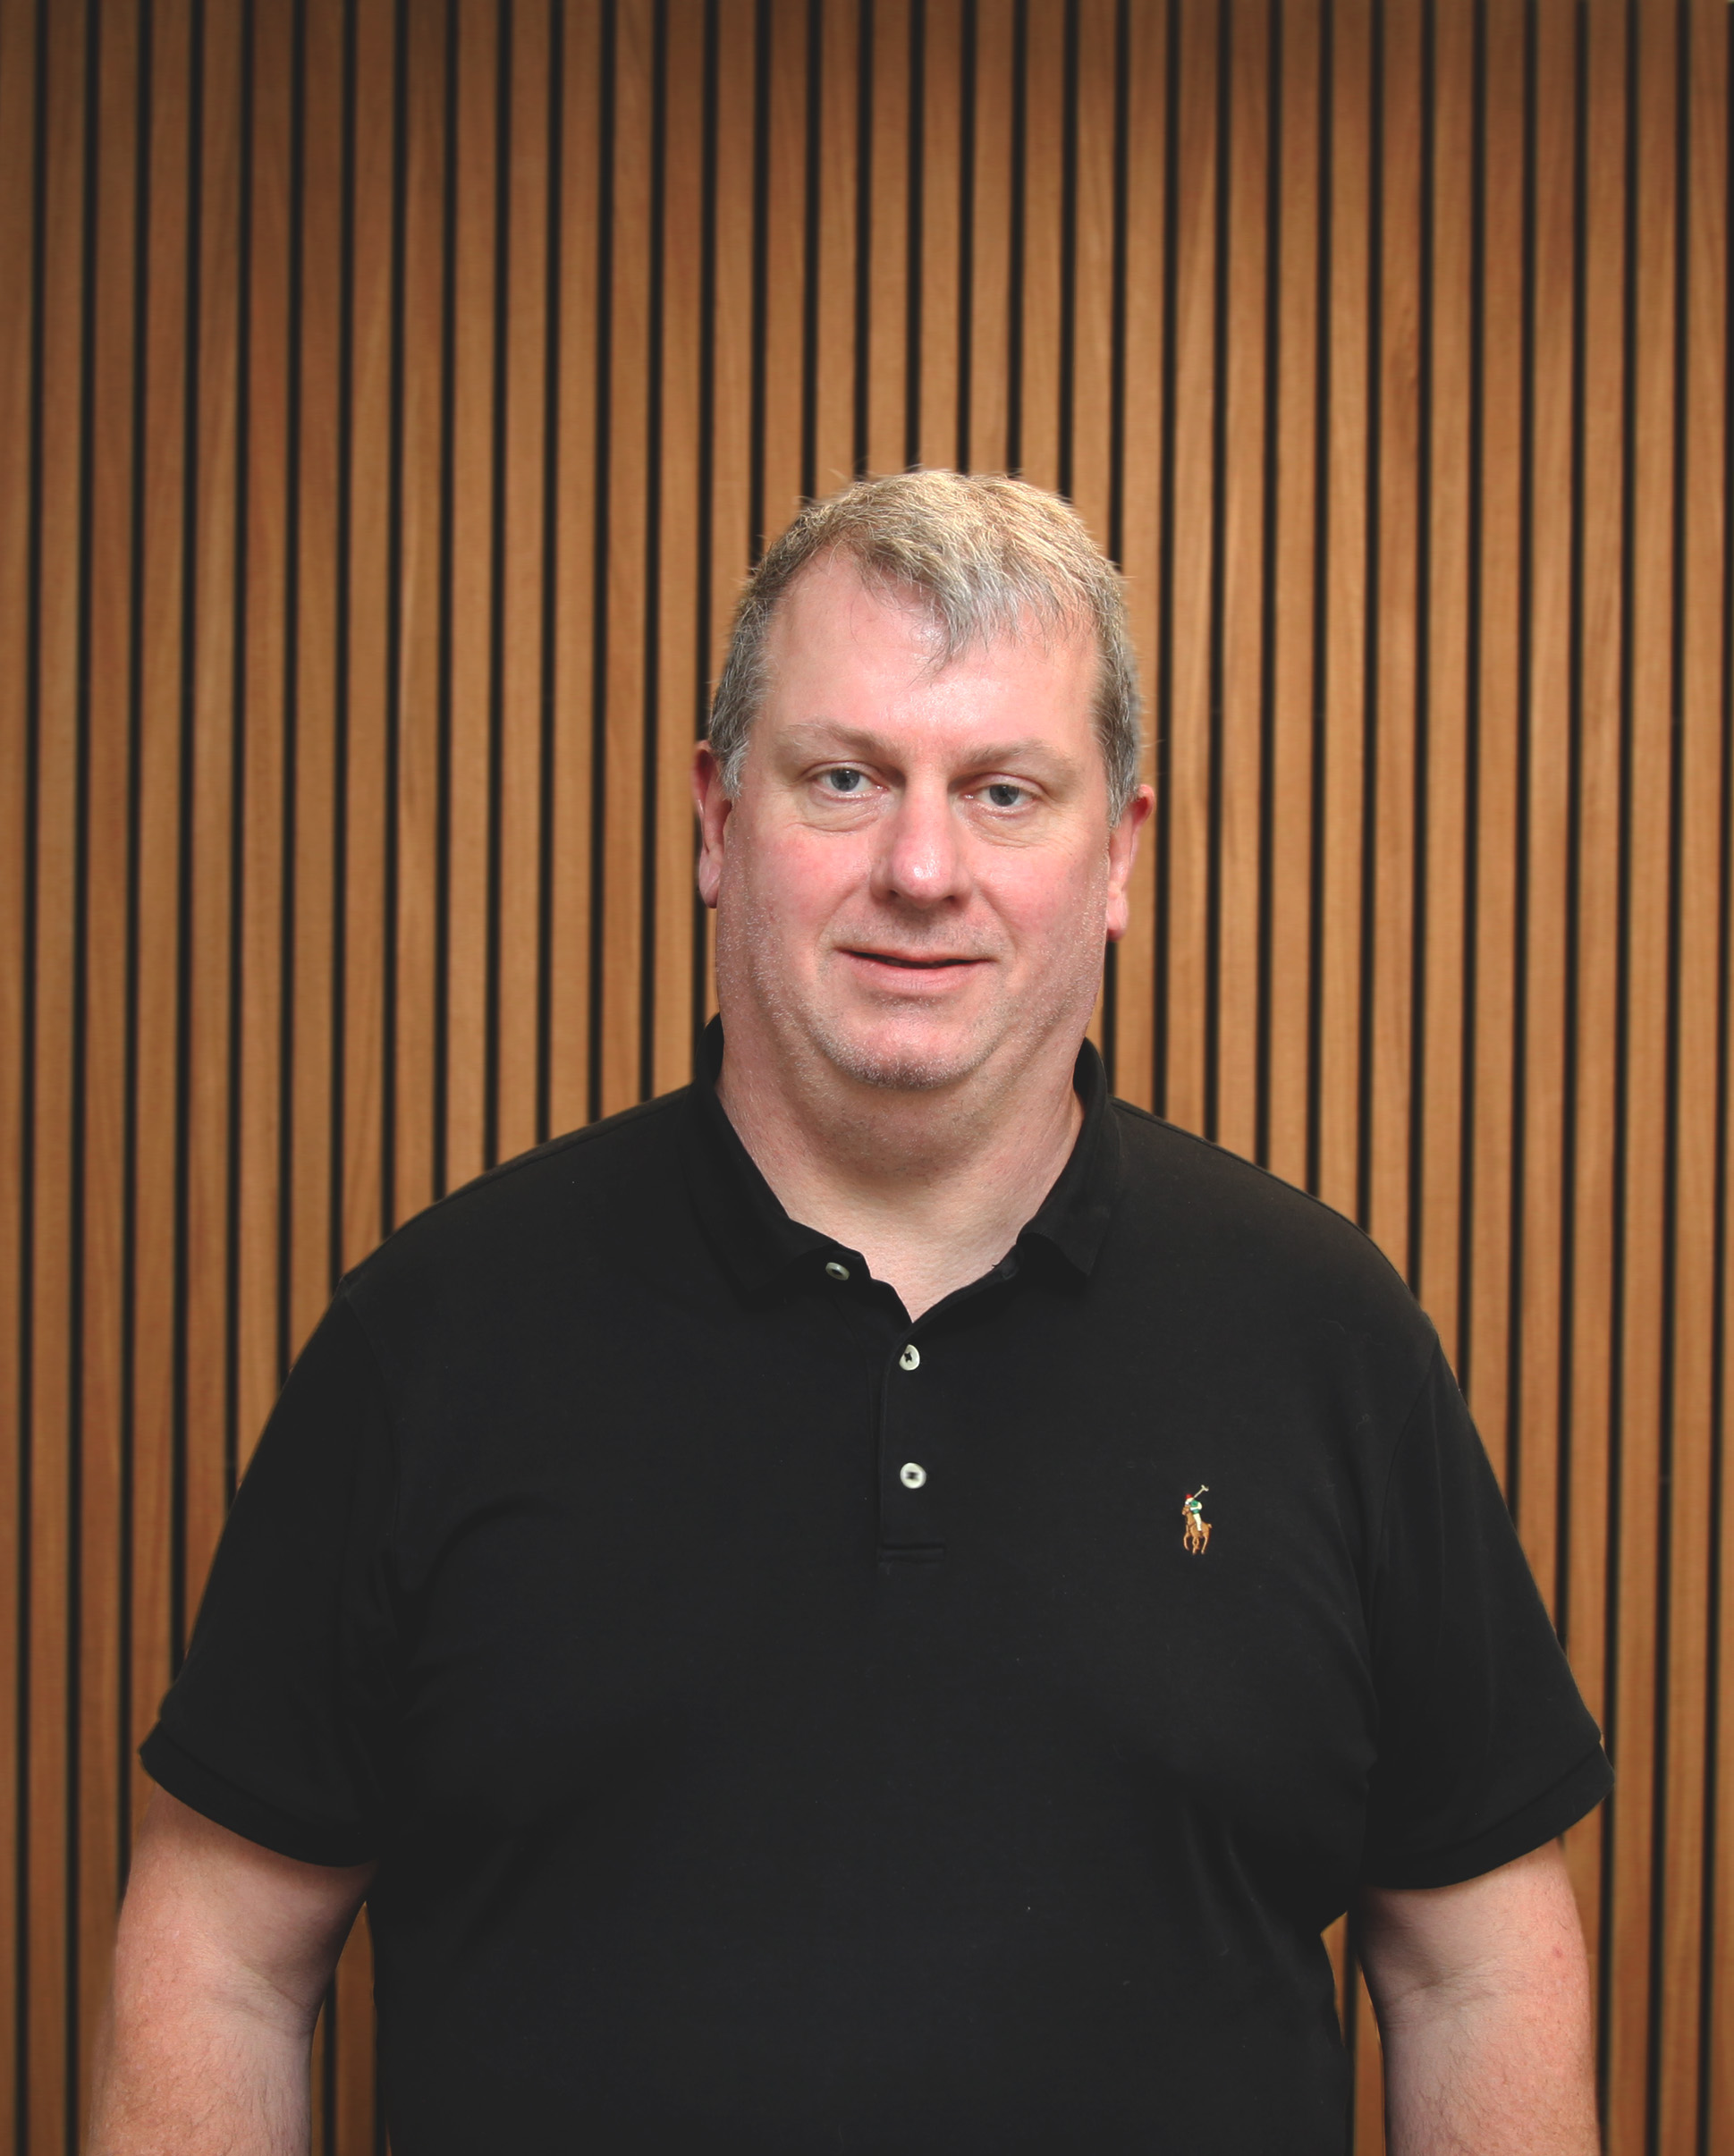 Paul Howell